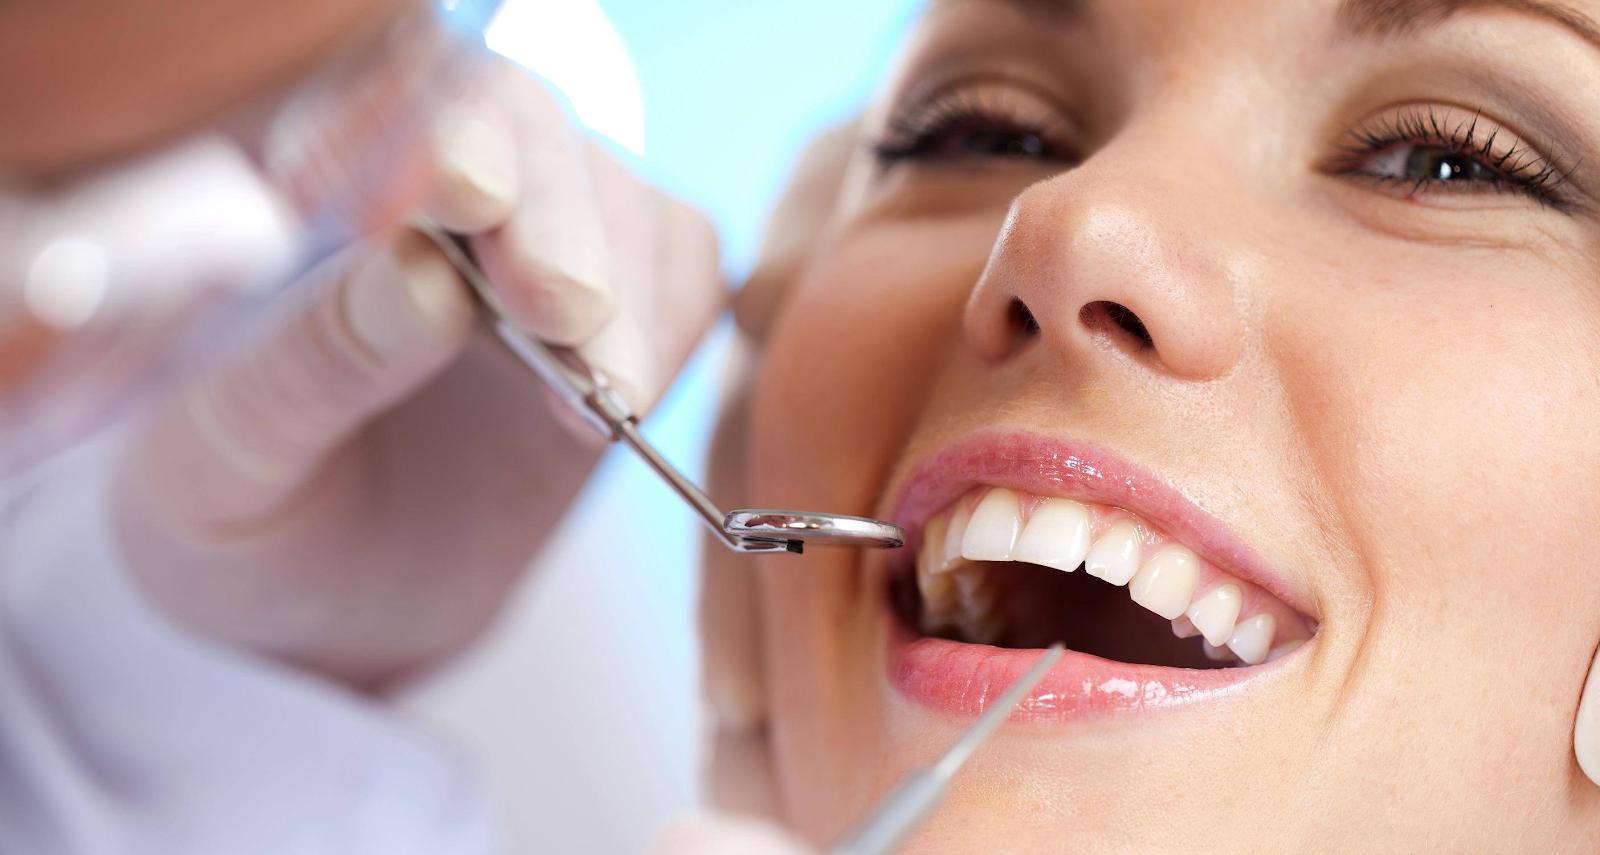 Trình độ tay nghề bác sĩ quyết định quan trọng trong việc trám răng